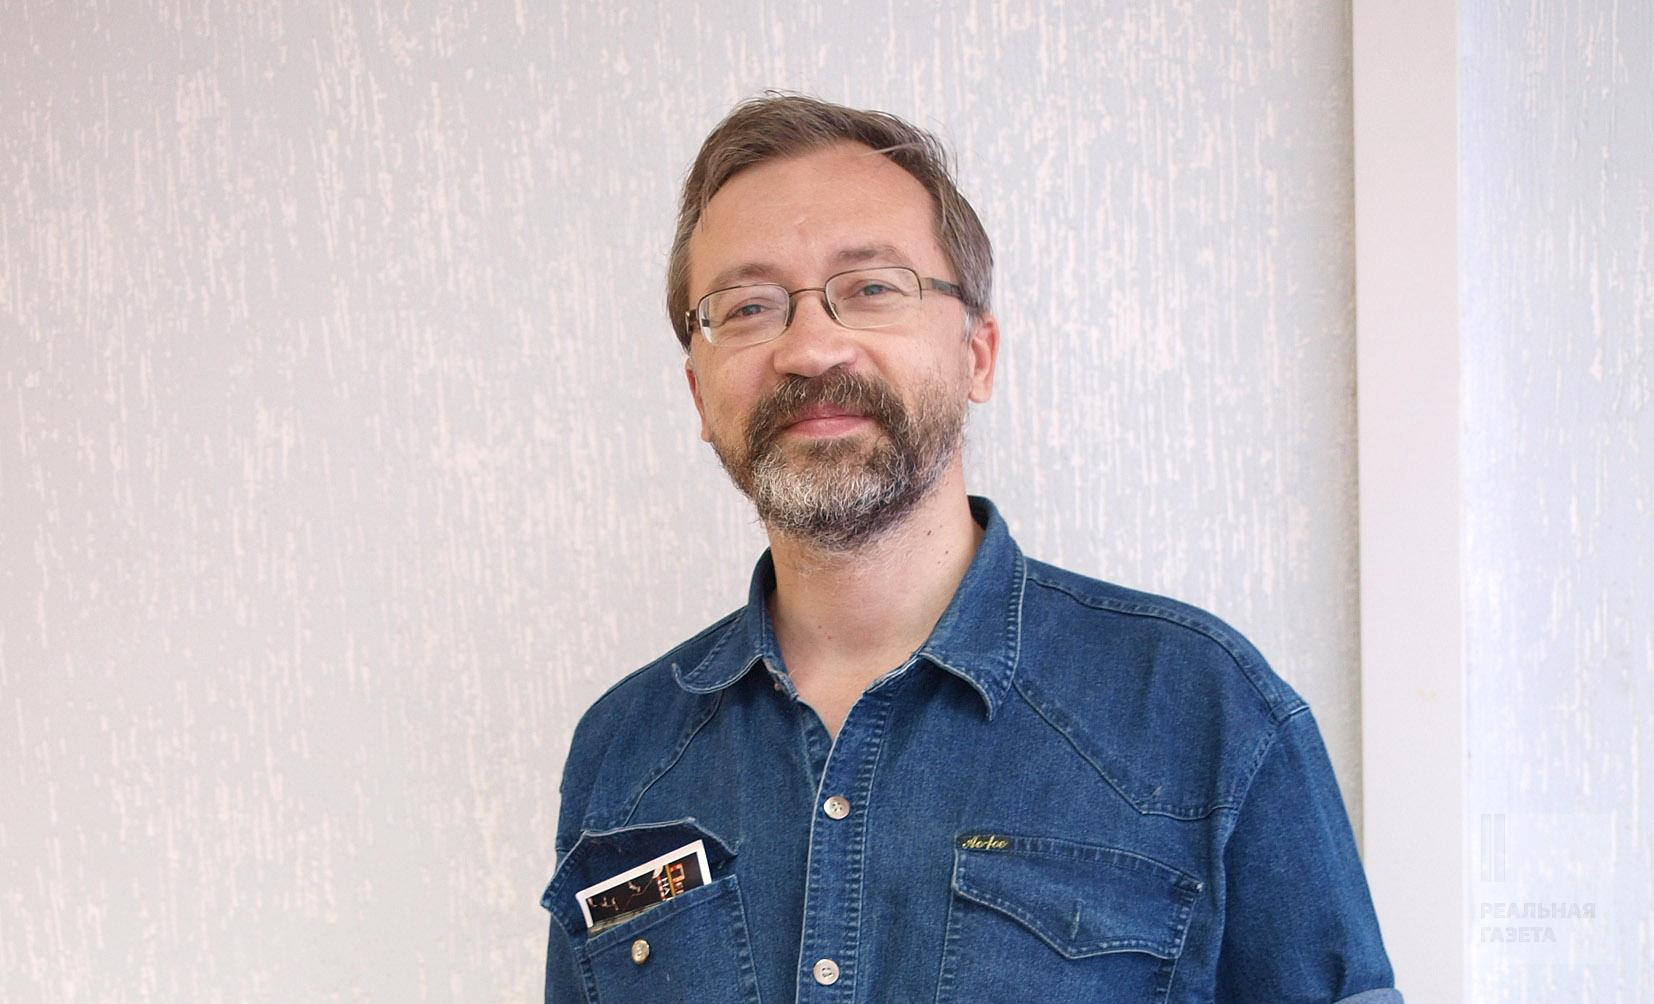 Библиотекарь  всея рунета